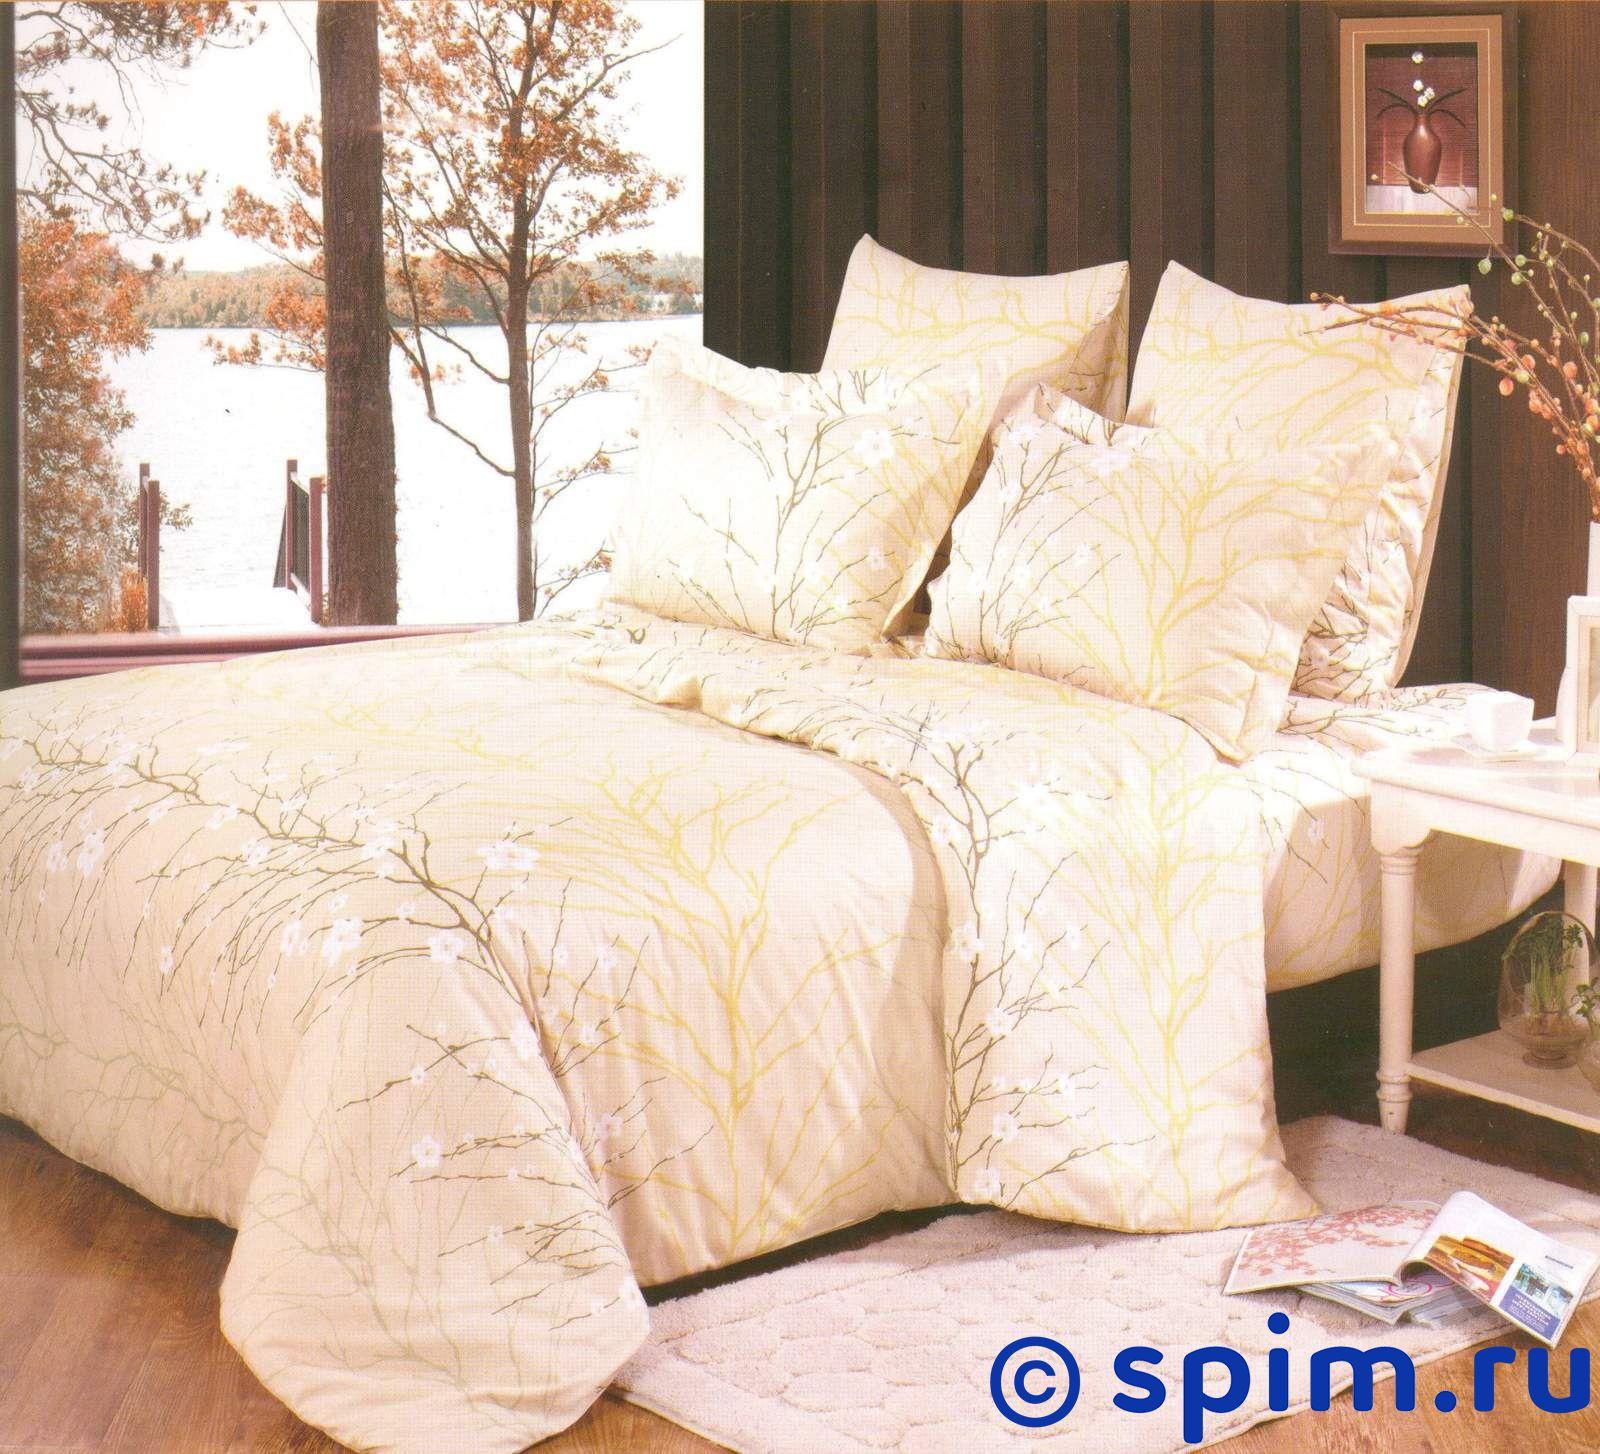 Комплект СайлиД А127 1.5 спальноеПостельное белье СайлиД<br>Материал: 100% хлопок (поплин). Плотность, г/м2: 125. Размер : 1.5 спальное<br><br>Размер: 1.5 спальное